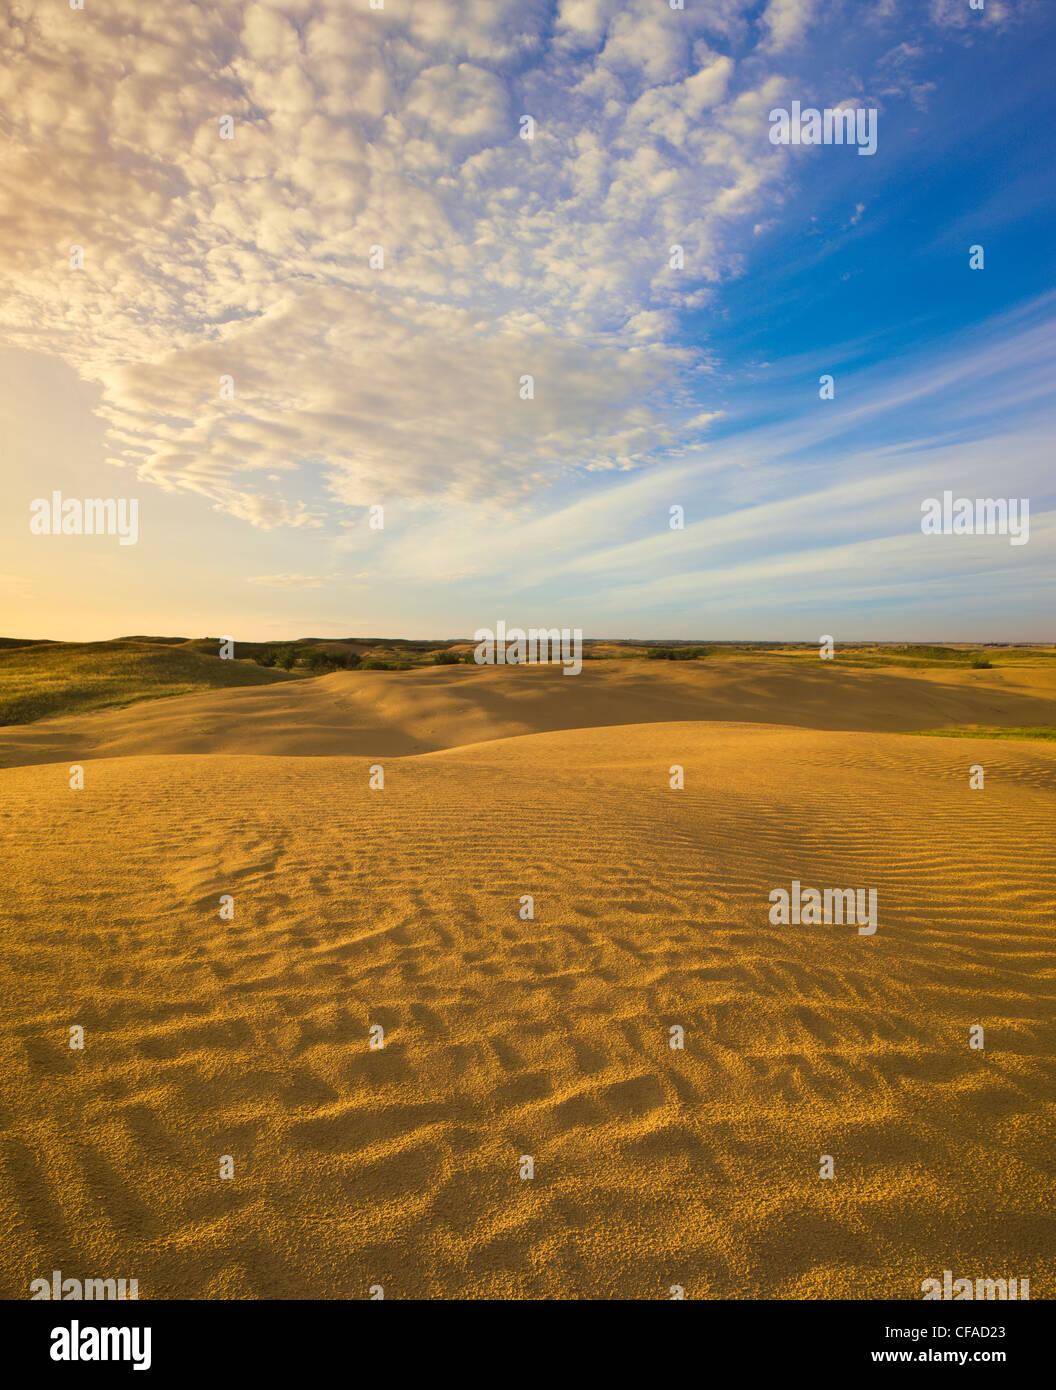 Détail de Great Sandhills près de chef, Saskatchewan, Canada. Photo Stock